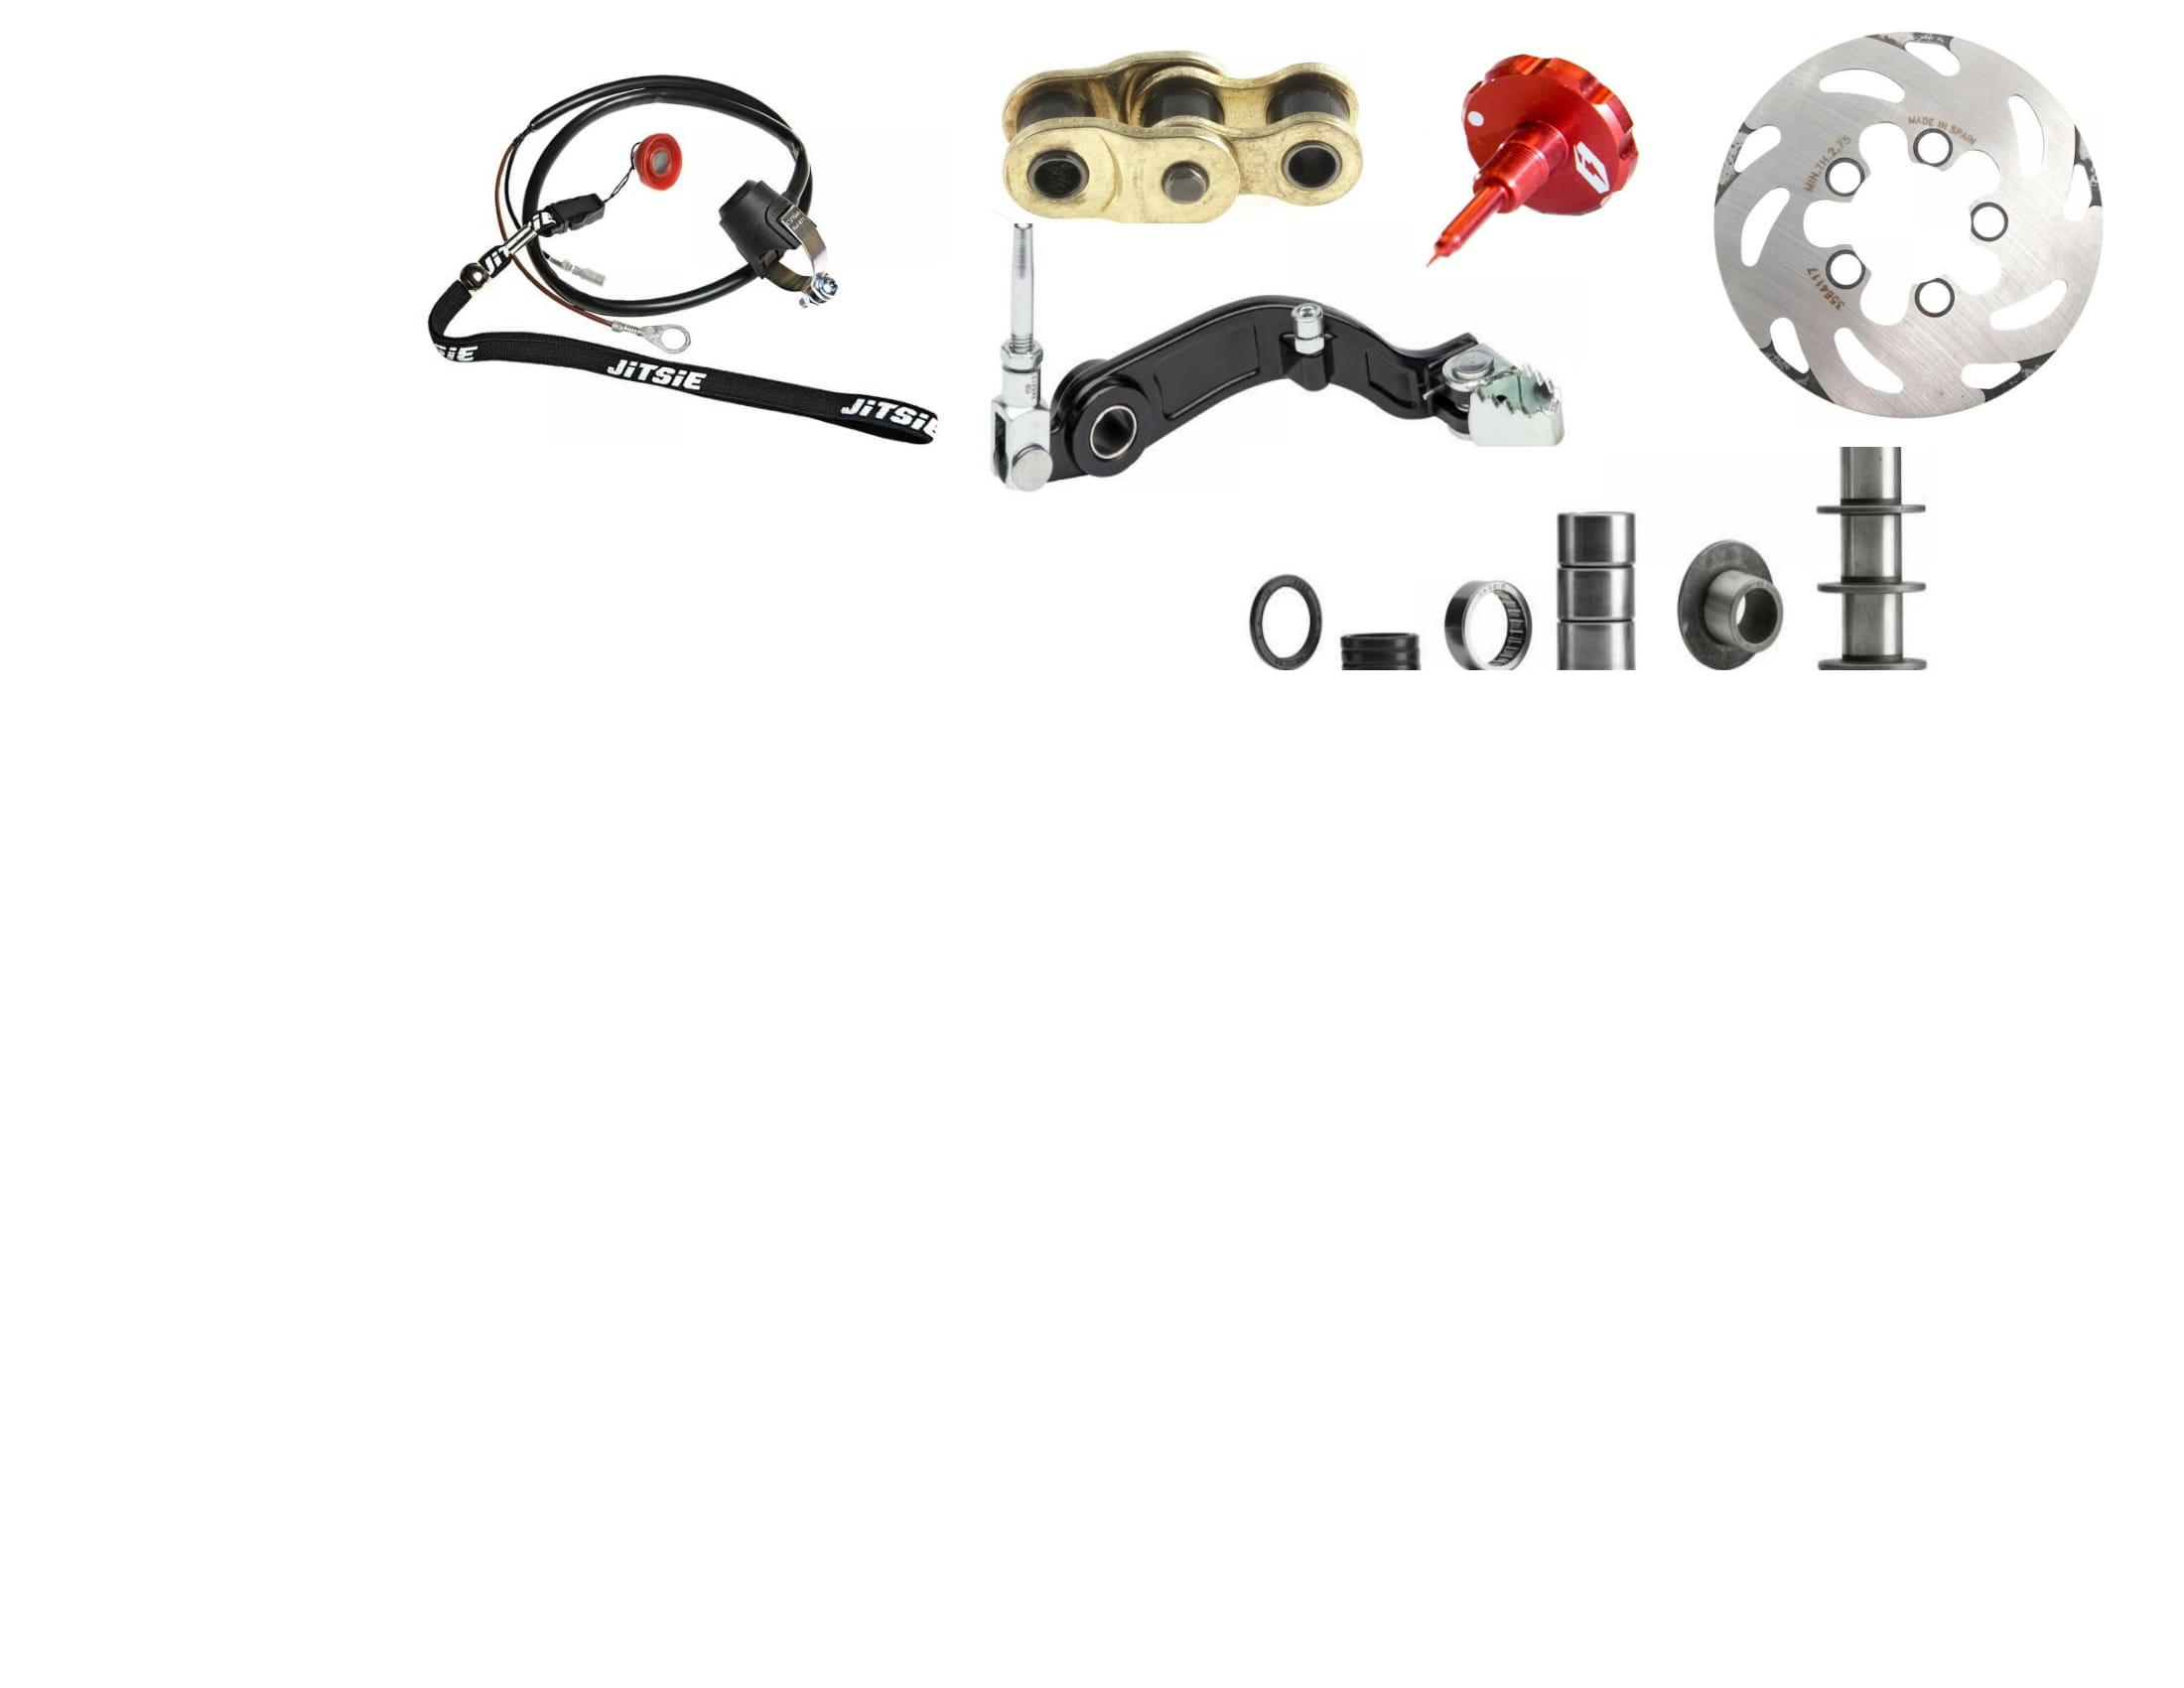 Parts, tools, fluids